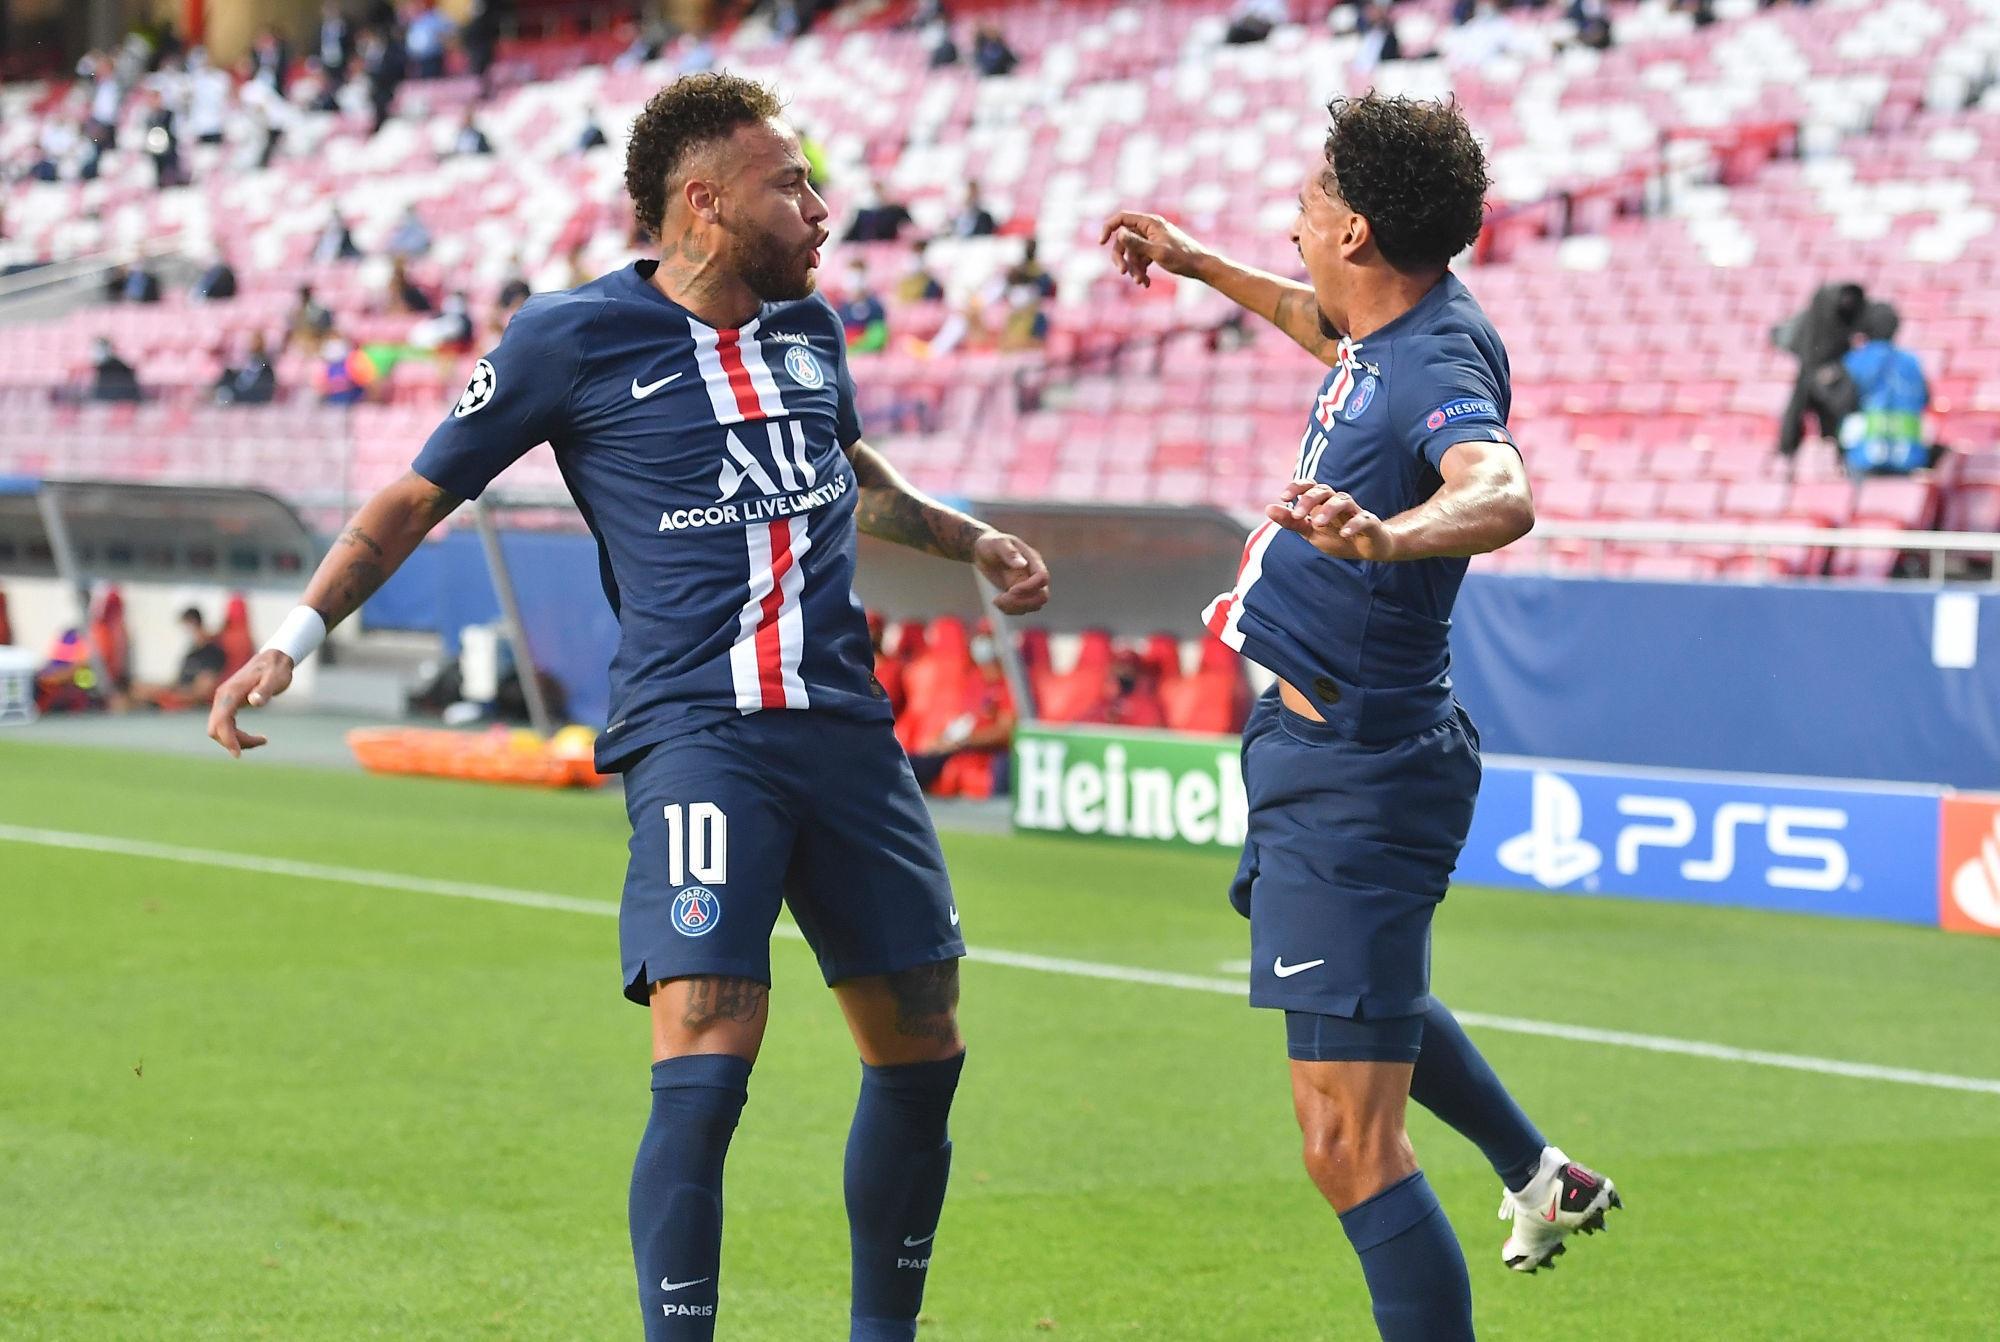 7 joueurs du PSG et Thiago Silva nominés pour l'équipe-type de l'année 2020 de l'UEFA